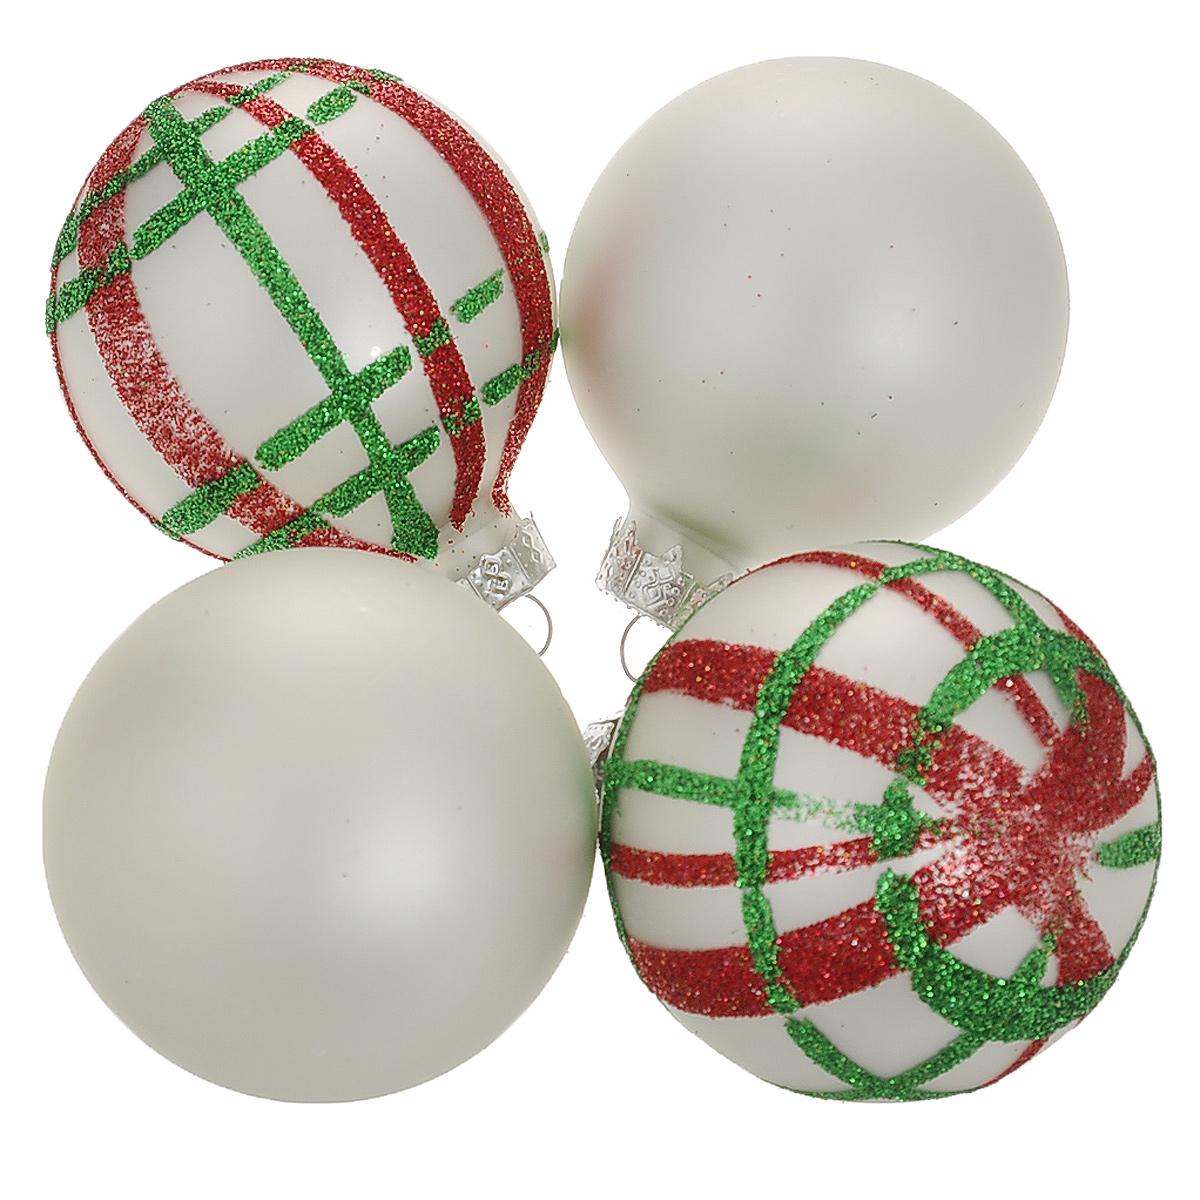 Набор новогодних подвесных украшений Шар, цвет: серебристый, красный, диаметр 6 см, 4 шт. 3449034490Набор новогодних подвесных украшений Шар прекрасно подойдет для праздничного декора новогодней ели. Состоит из четырех шаров.Елочная игрушка - символ Нового года. Она несет в себе волшебство и красоту праздника. Создайте в своем доме атмосферу веселья и радости, украшая новогоднюю елку нарядными игрушками, которые будут из года в год накапливать теплоту воспоминаний. Коллекция декоративных украшений принесет в ваш дом ни с чем несравнимое ощущение волшебства! Откройте для себя удивительный мир сказок и грез. Почувствуйте волшебные минуты ожидания праздника, создайте новогоднее настроение вашим дорогим и близким.